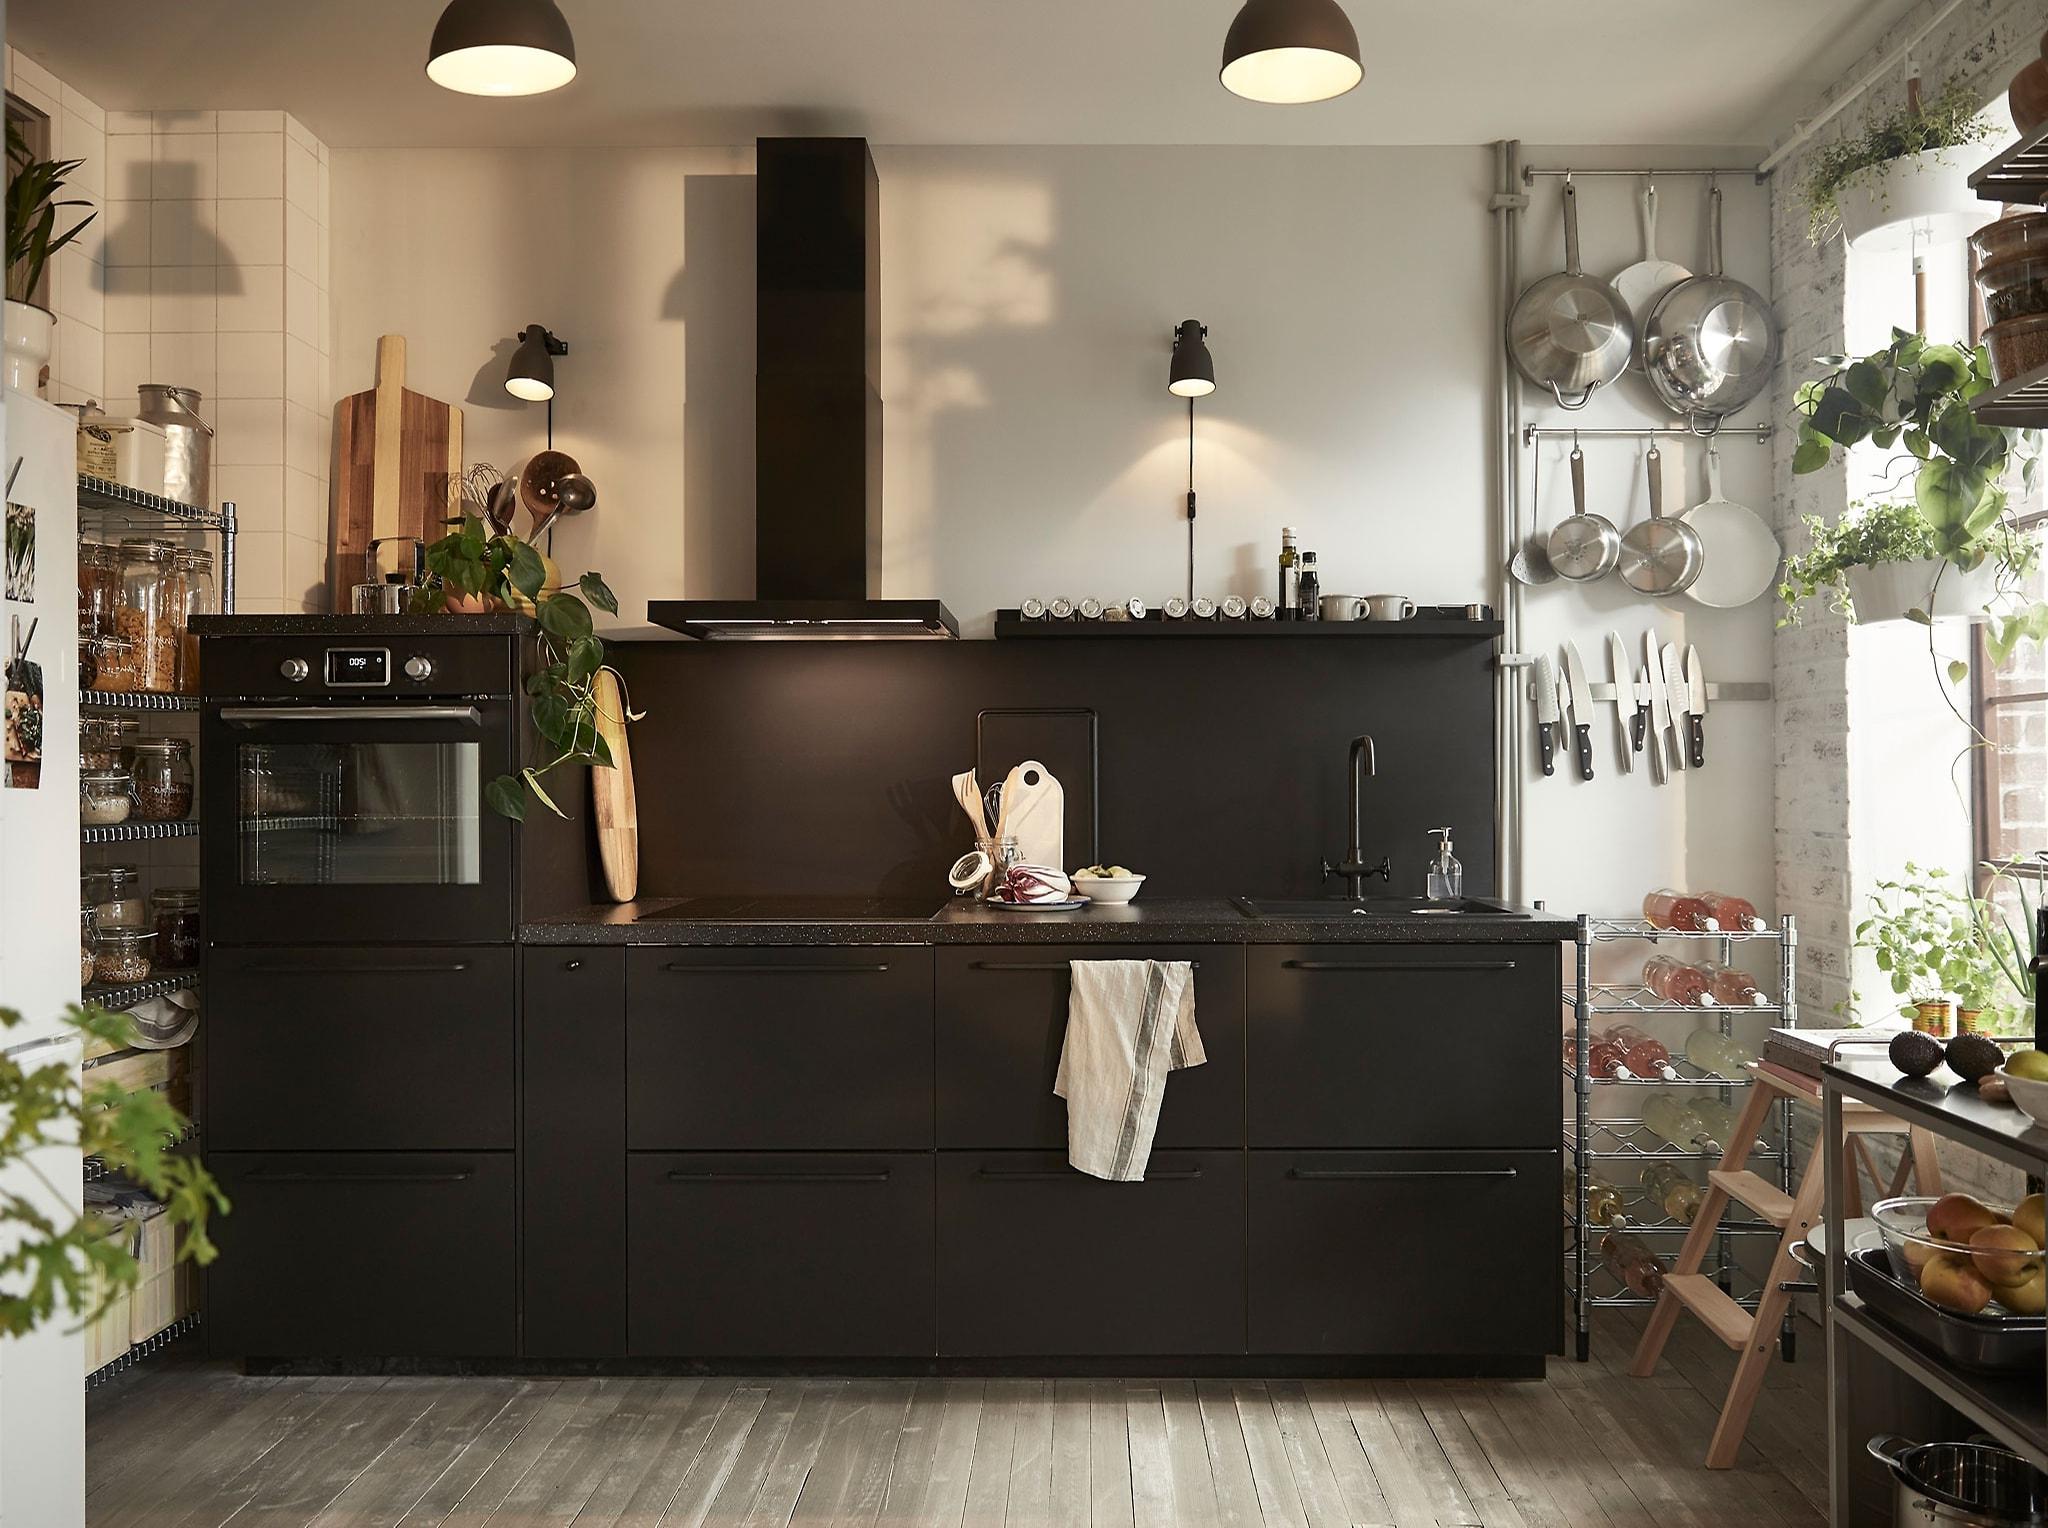 Banco Cocina Ikea Irdz Muebles De Cocina Y Electrodomà Sticos Pra Online Ikea